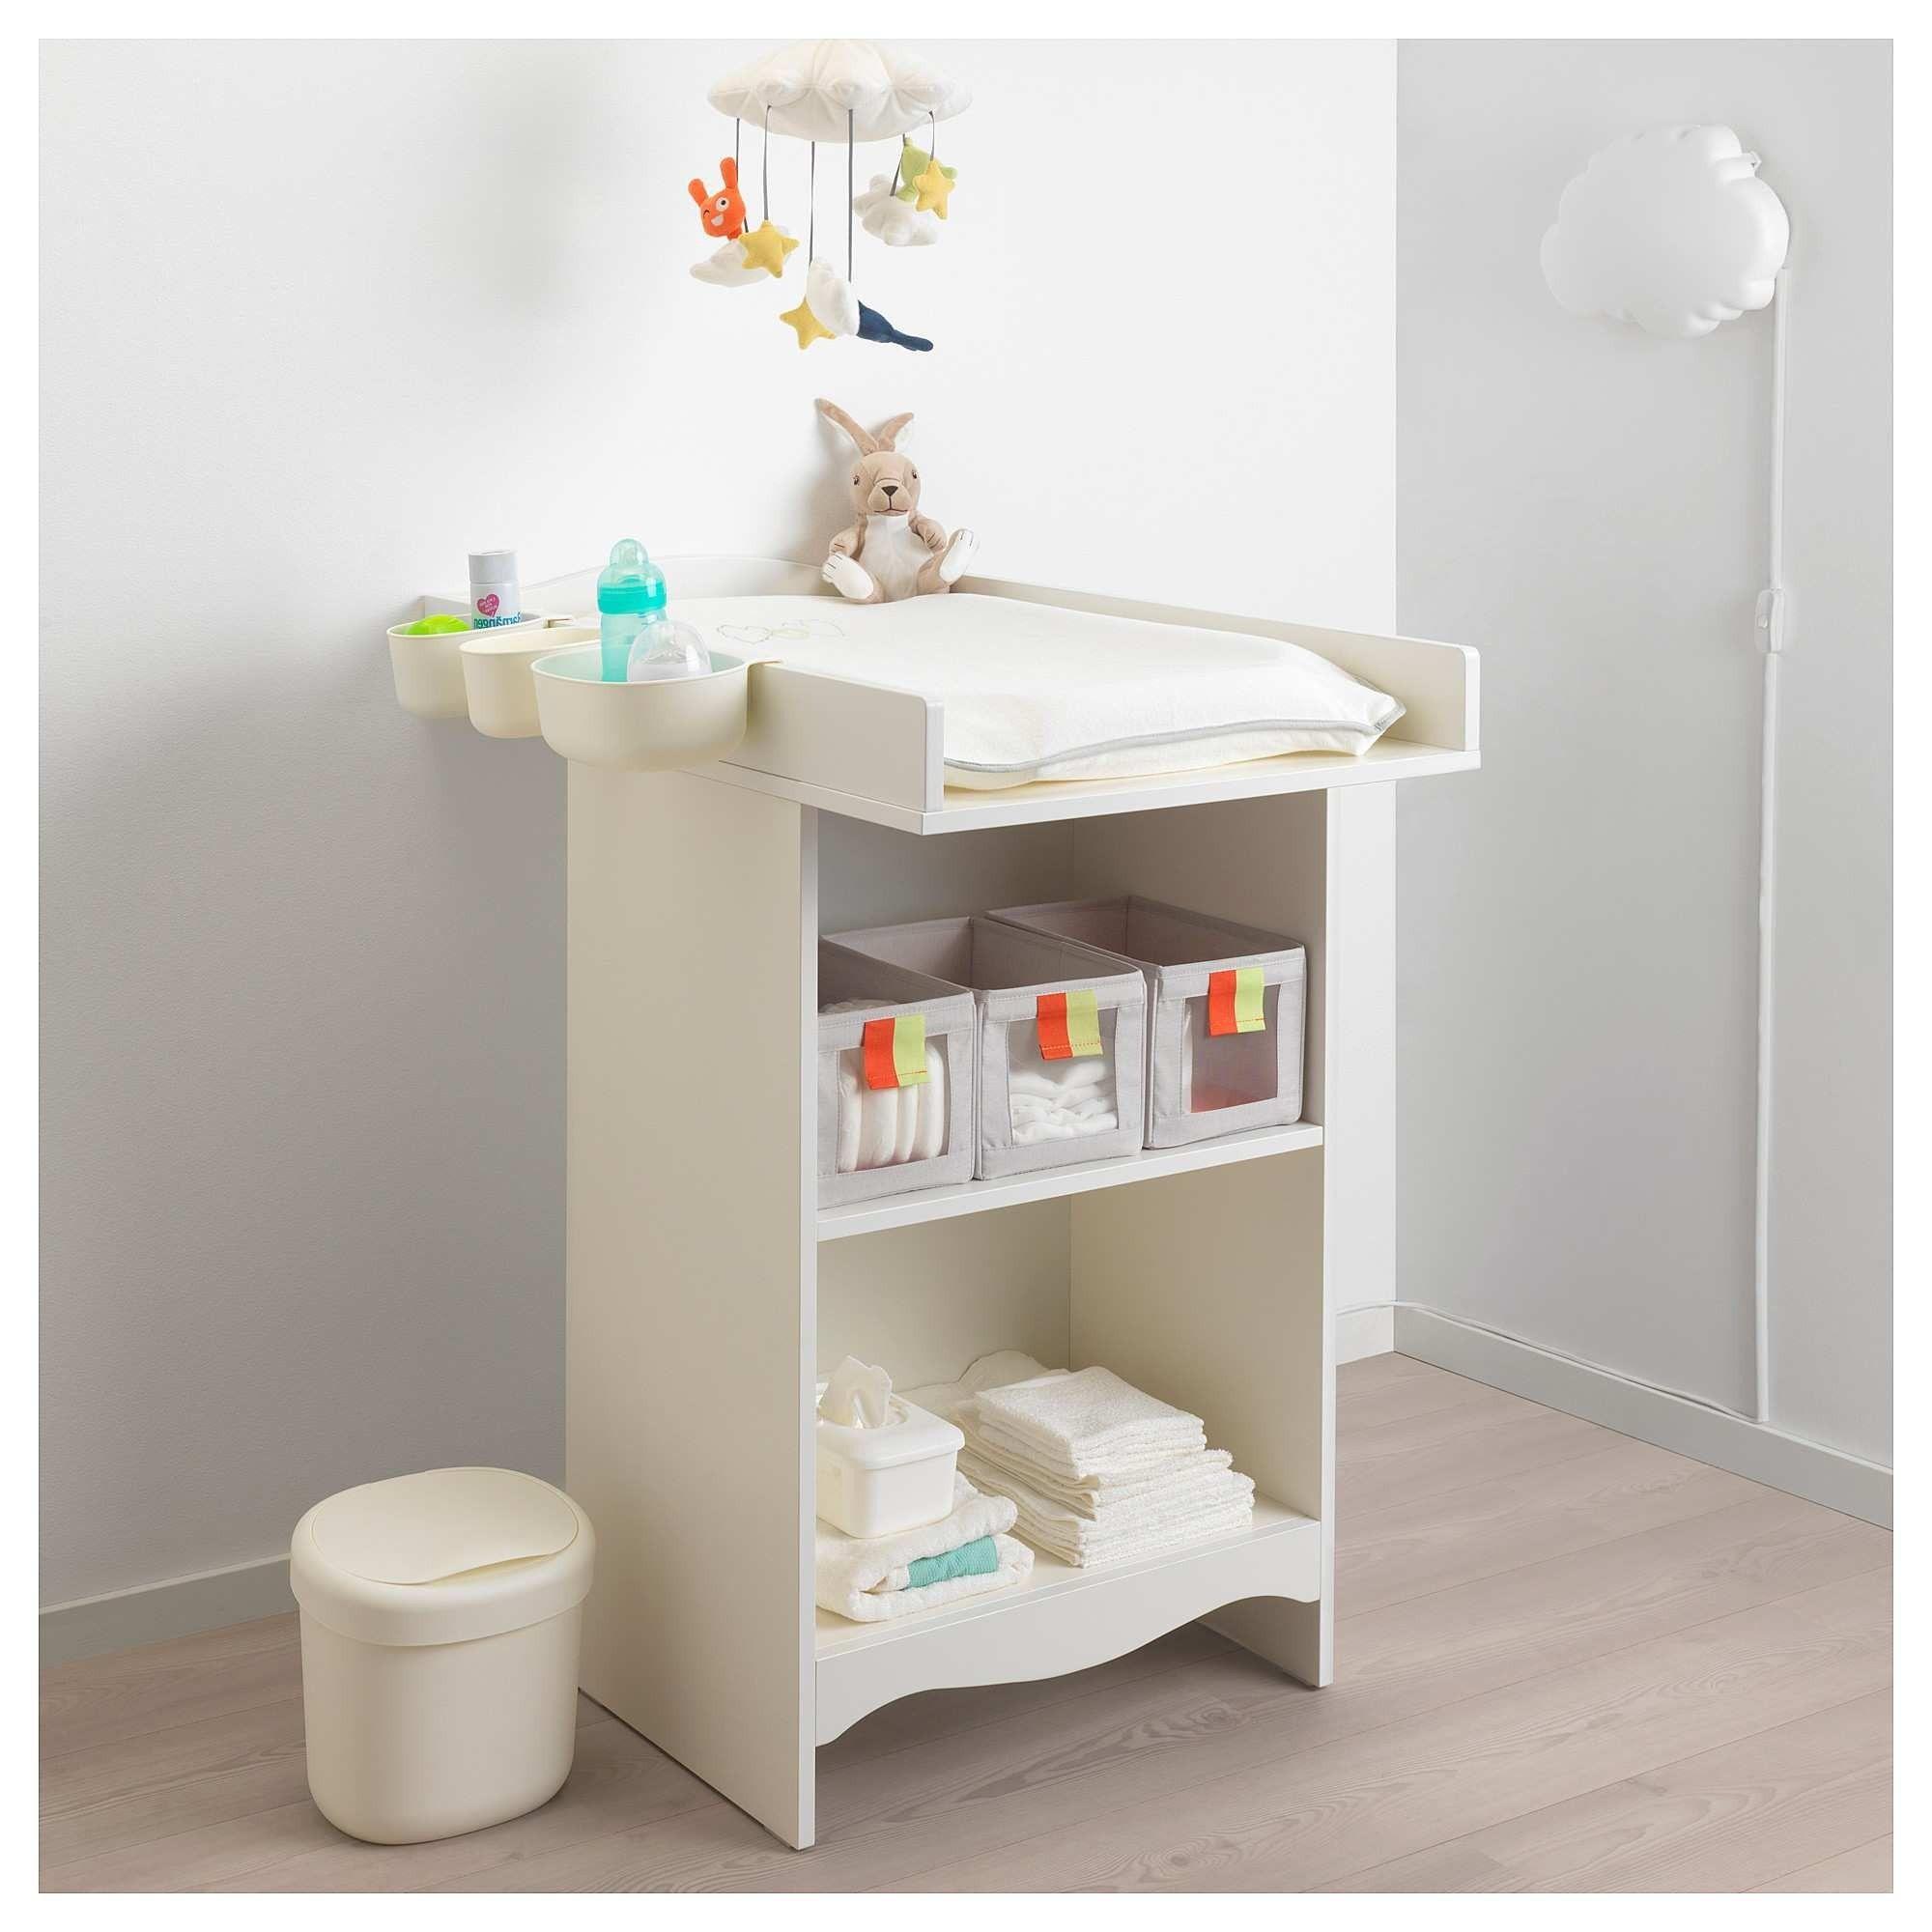 Table A Langer De Baignoire Cela Va Egayer Votre Matin Changing Table Table Ikea